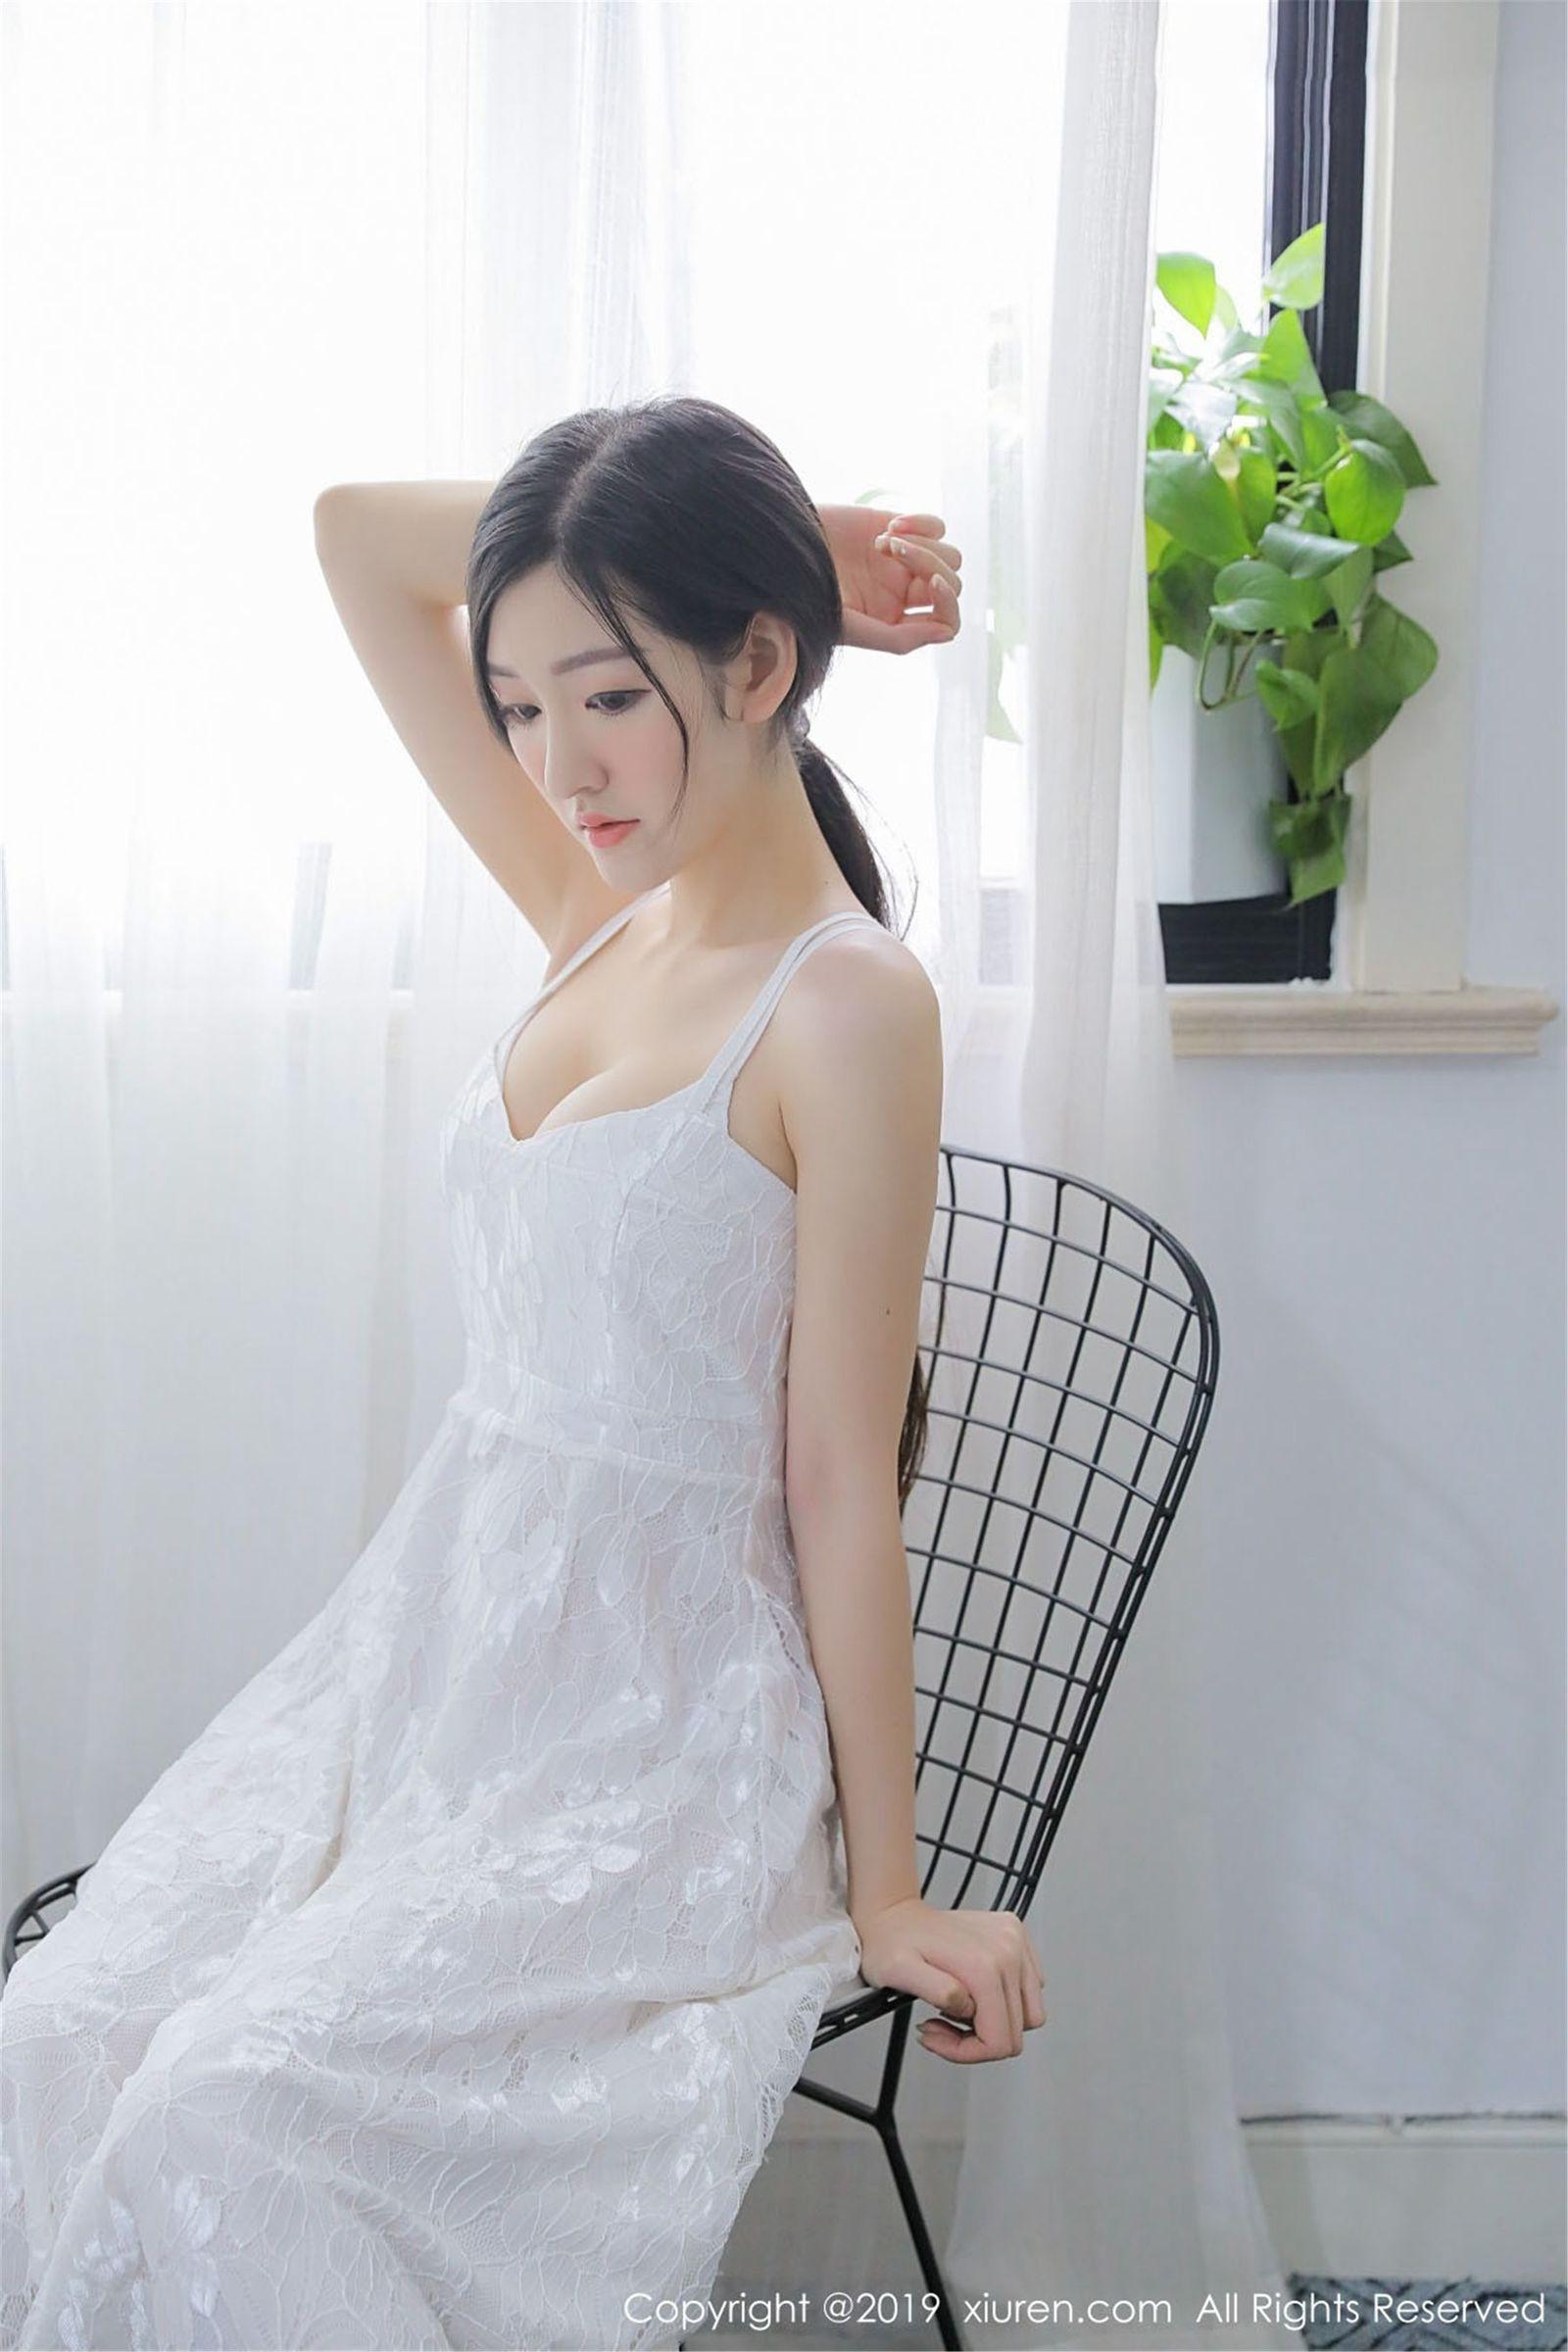 模特@沈梦瑶性感私房魅惑写真